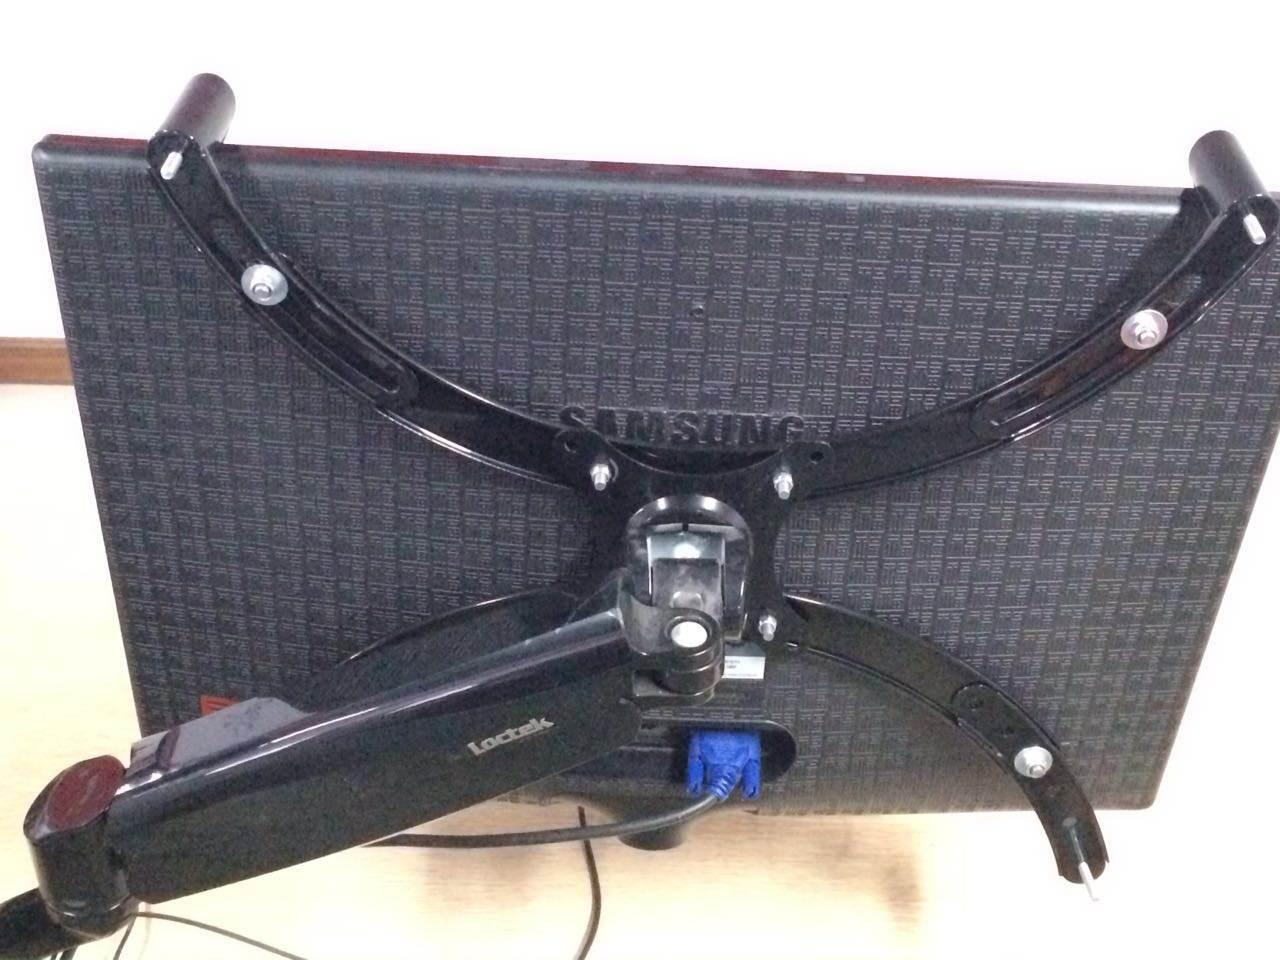 non-vesa monitor adapter mount kit